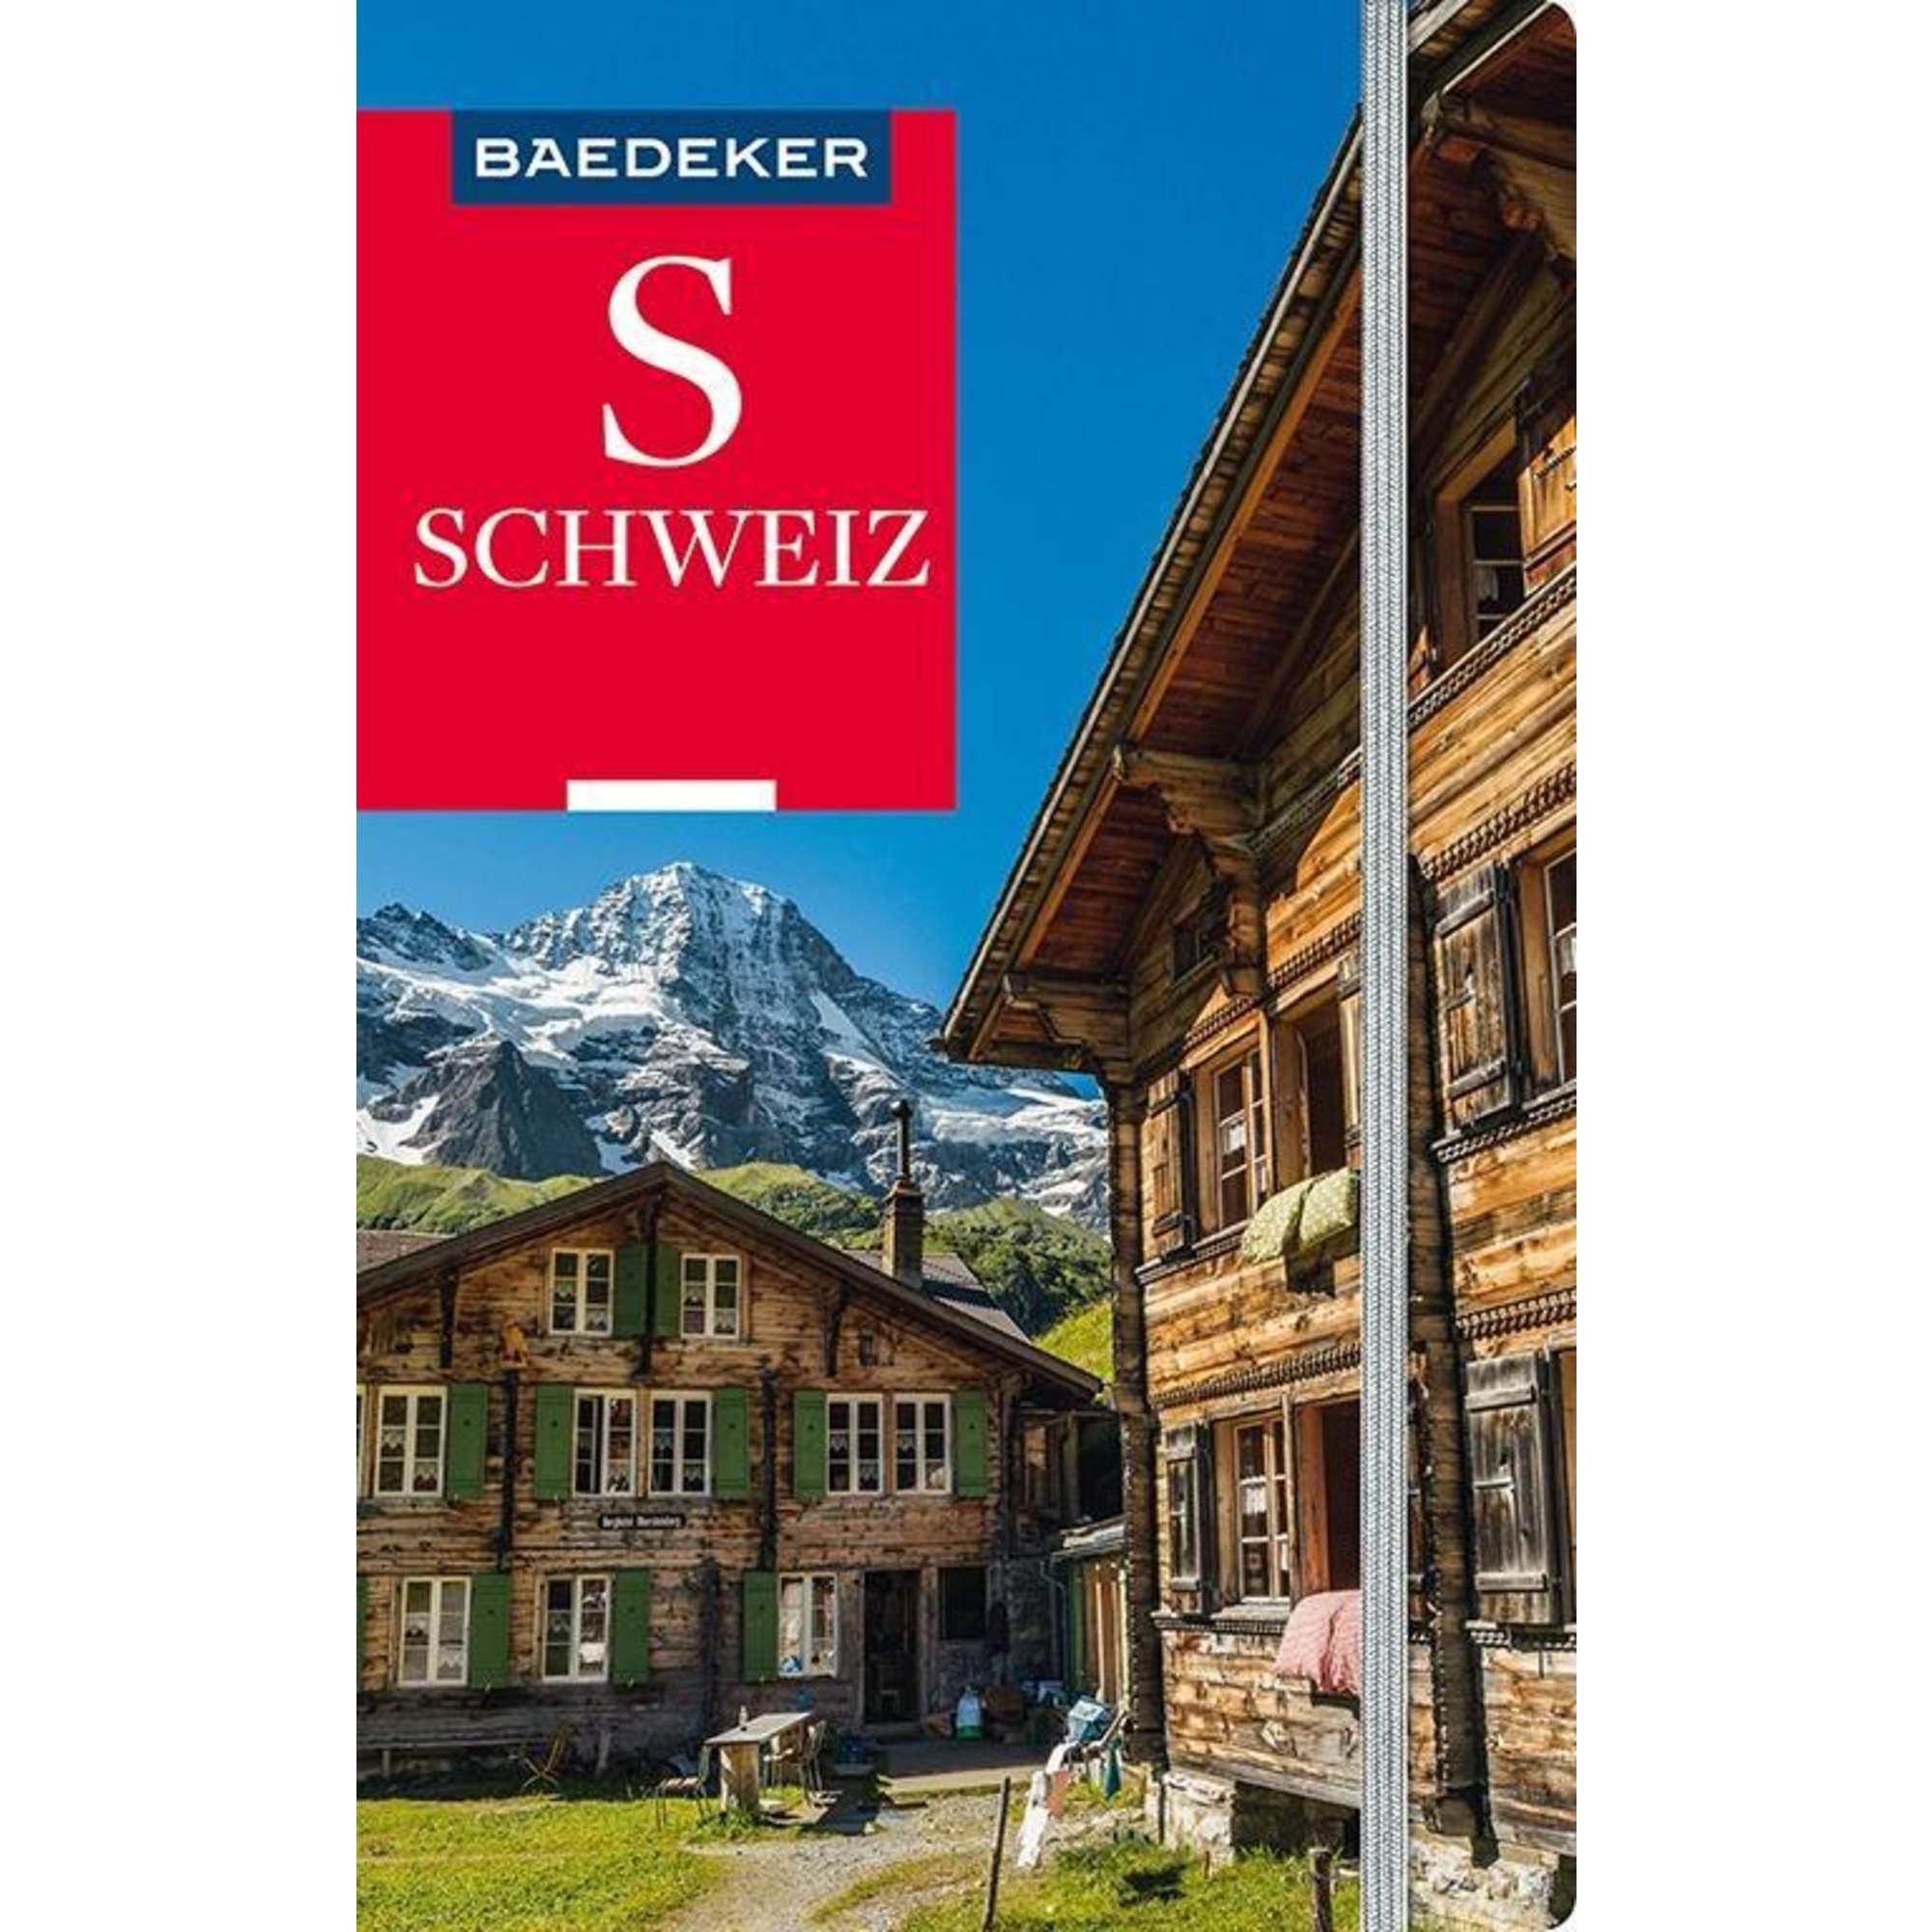 Baedeker Reiseführer Schweiz, 27,00 Euro